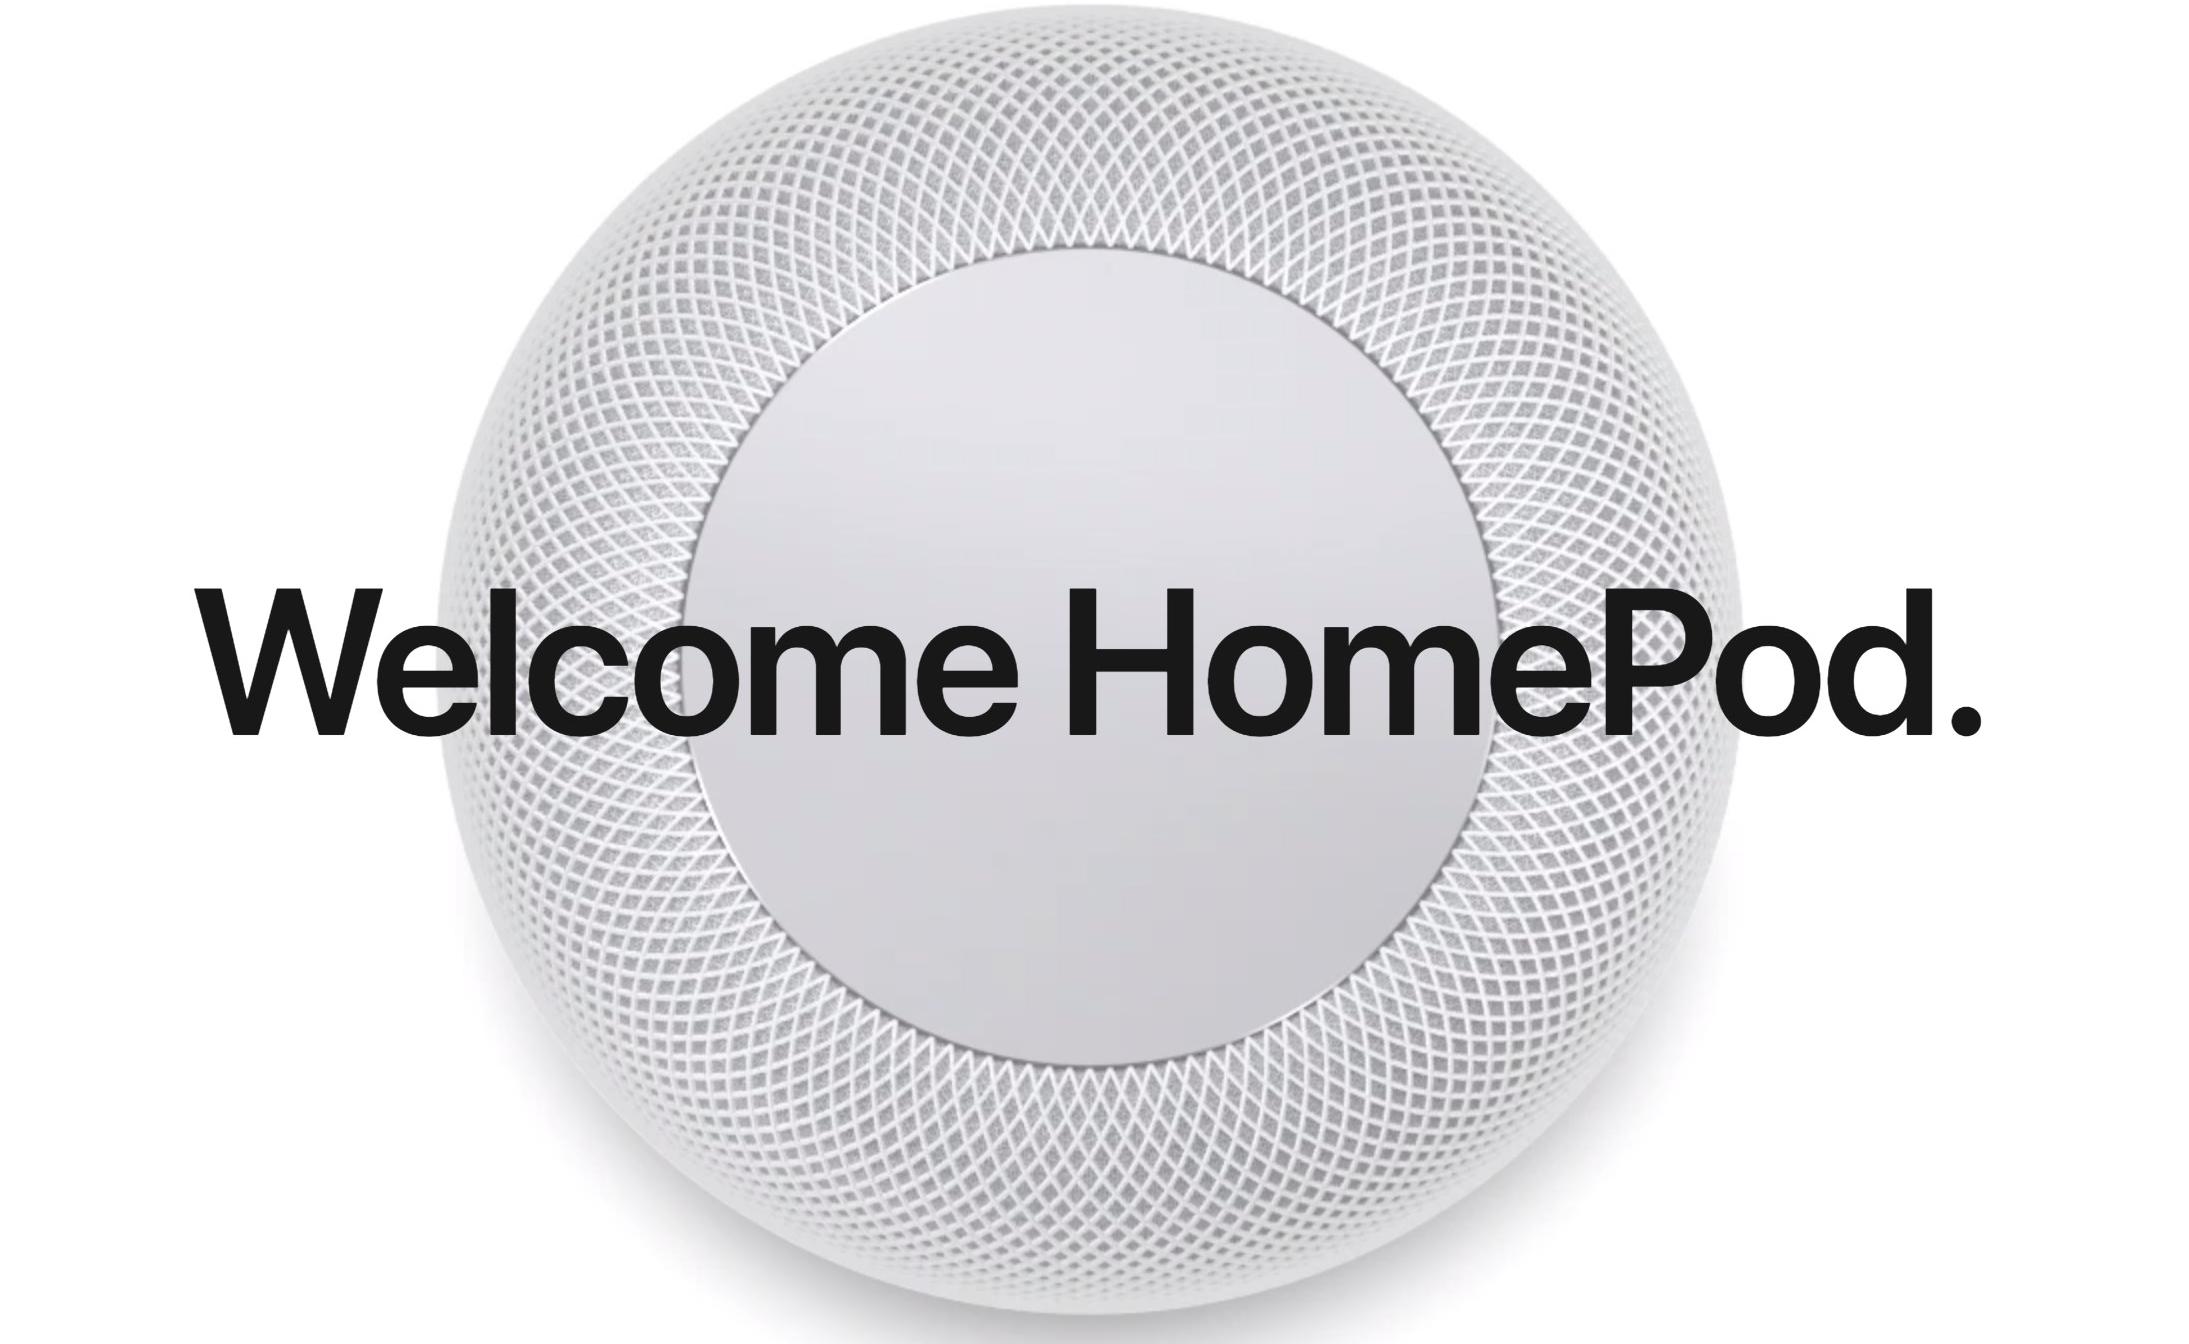 Om en drøy måned kan det tenkes HomePod kommer til Norge, men det er fremdeles lave produksjonstall og Apple vil kanskje måtte utsette for å fokusere på hjemmemarkedet USA der de har knallhard konkurranse fra Amazon og Google som for lengst dominerer smarthøyttaler-markedet.